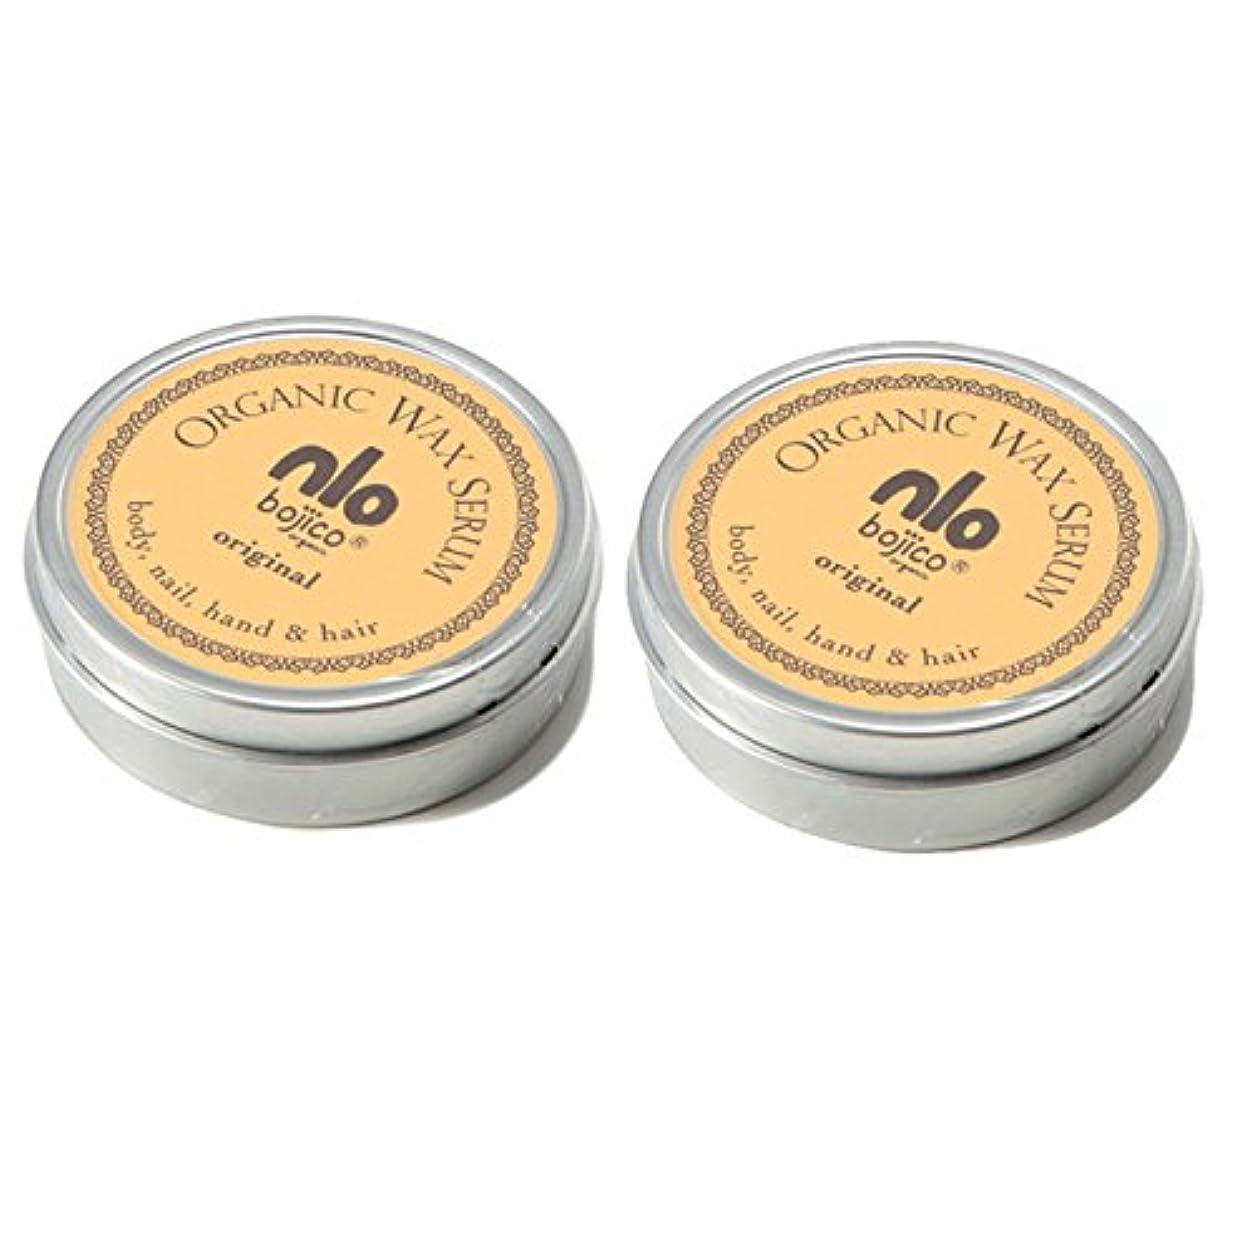 アクセント不快な傷跡【40g×2個セット】 ボジコ オーガニック ワックス セラム<オリジナル> bojico Organic Wax Serum 40g×2